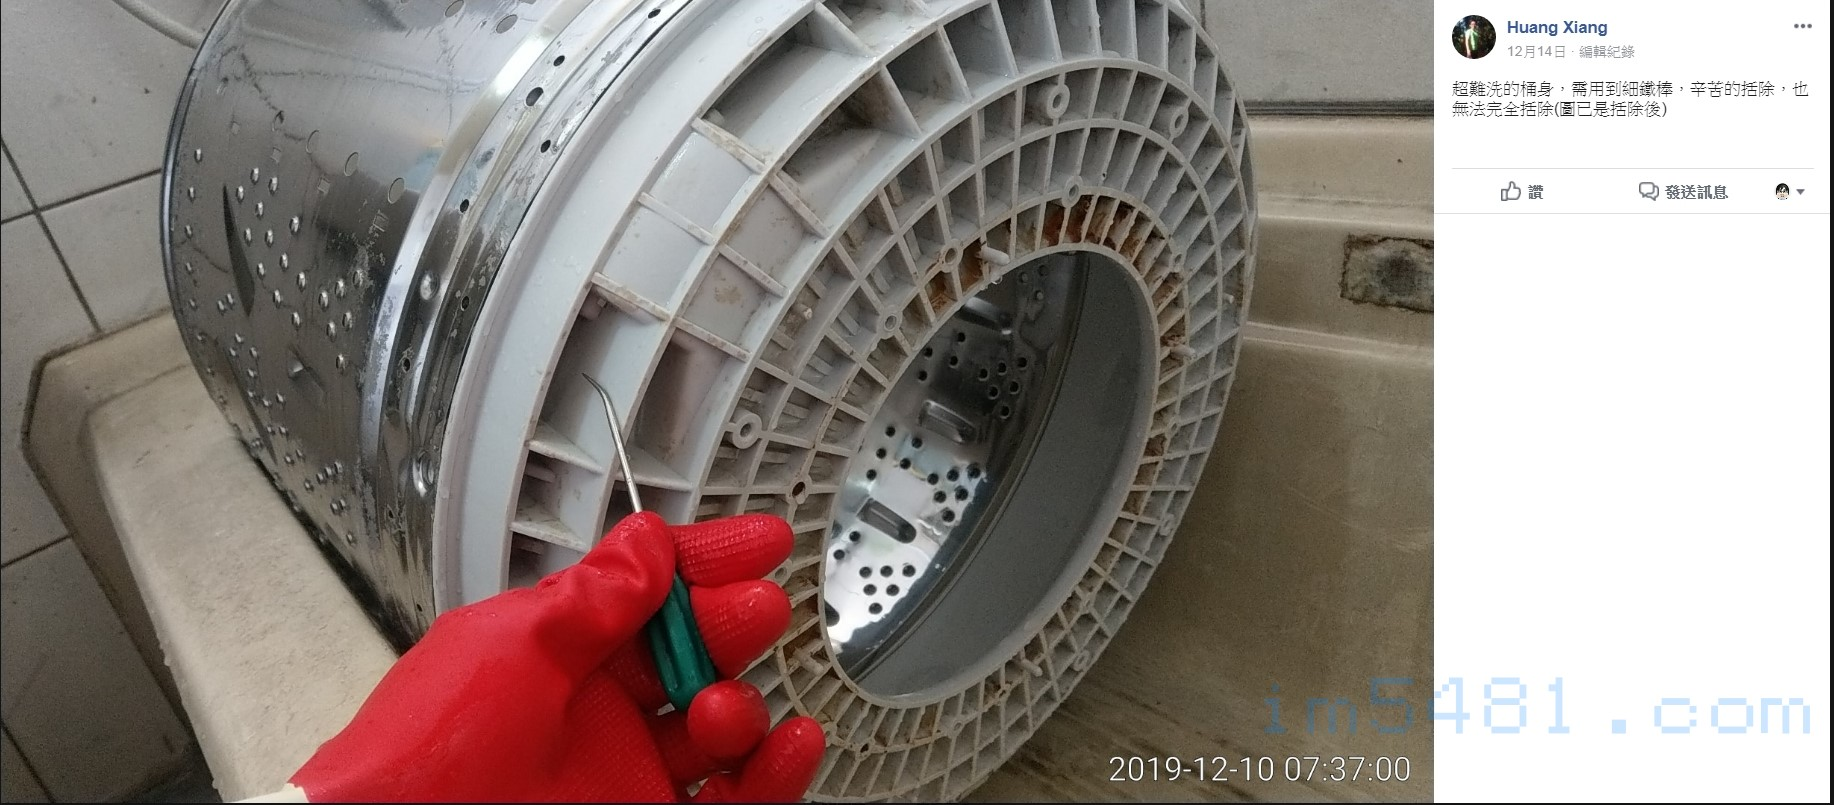 Huang Xiang分享的小蘇打結晶卡在洗衣機不鏽鋼桶的經驗-『超難洗的桶身,需用到細鐵棒,辛苦的括除,也無法完全括除(圖已是括除後)』